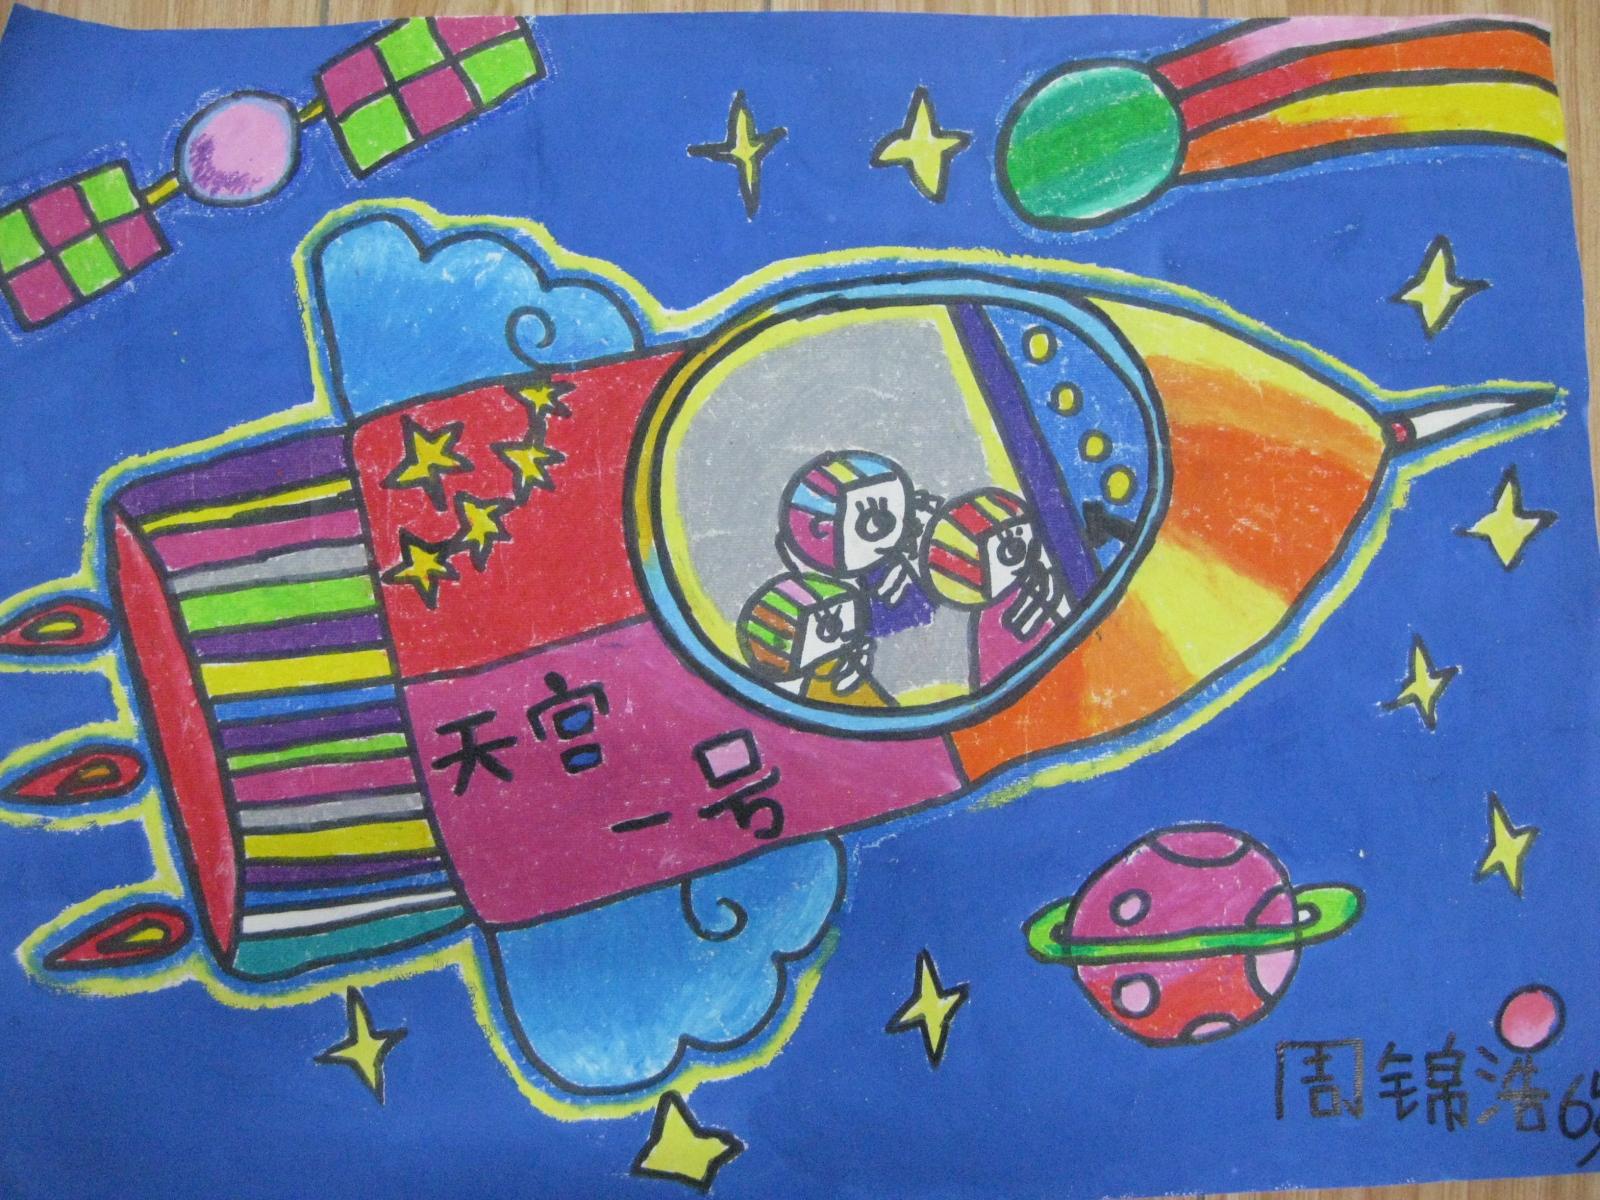 火箭儿童画步骤